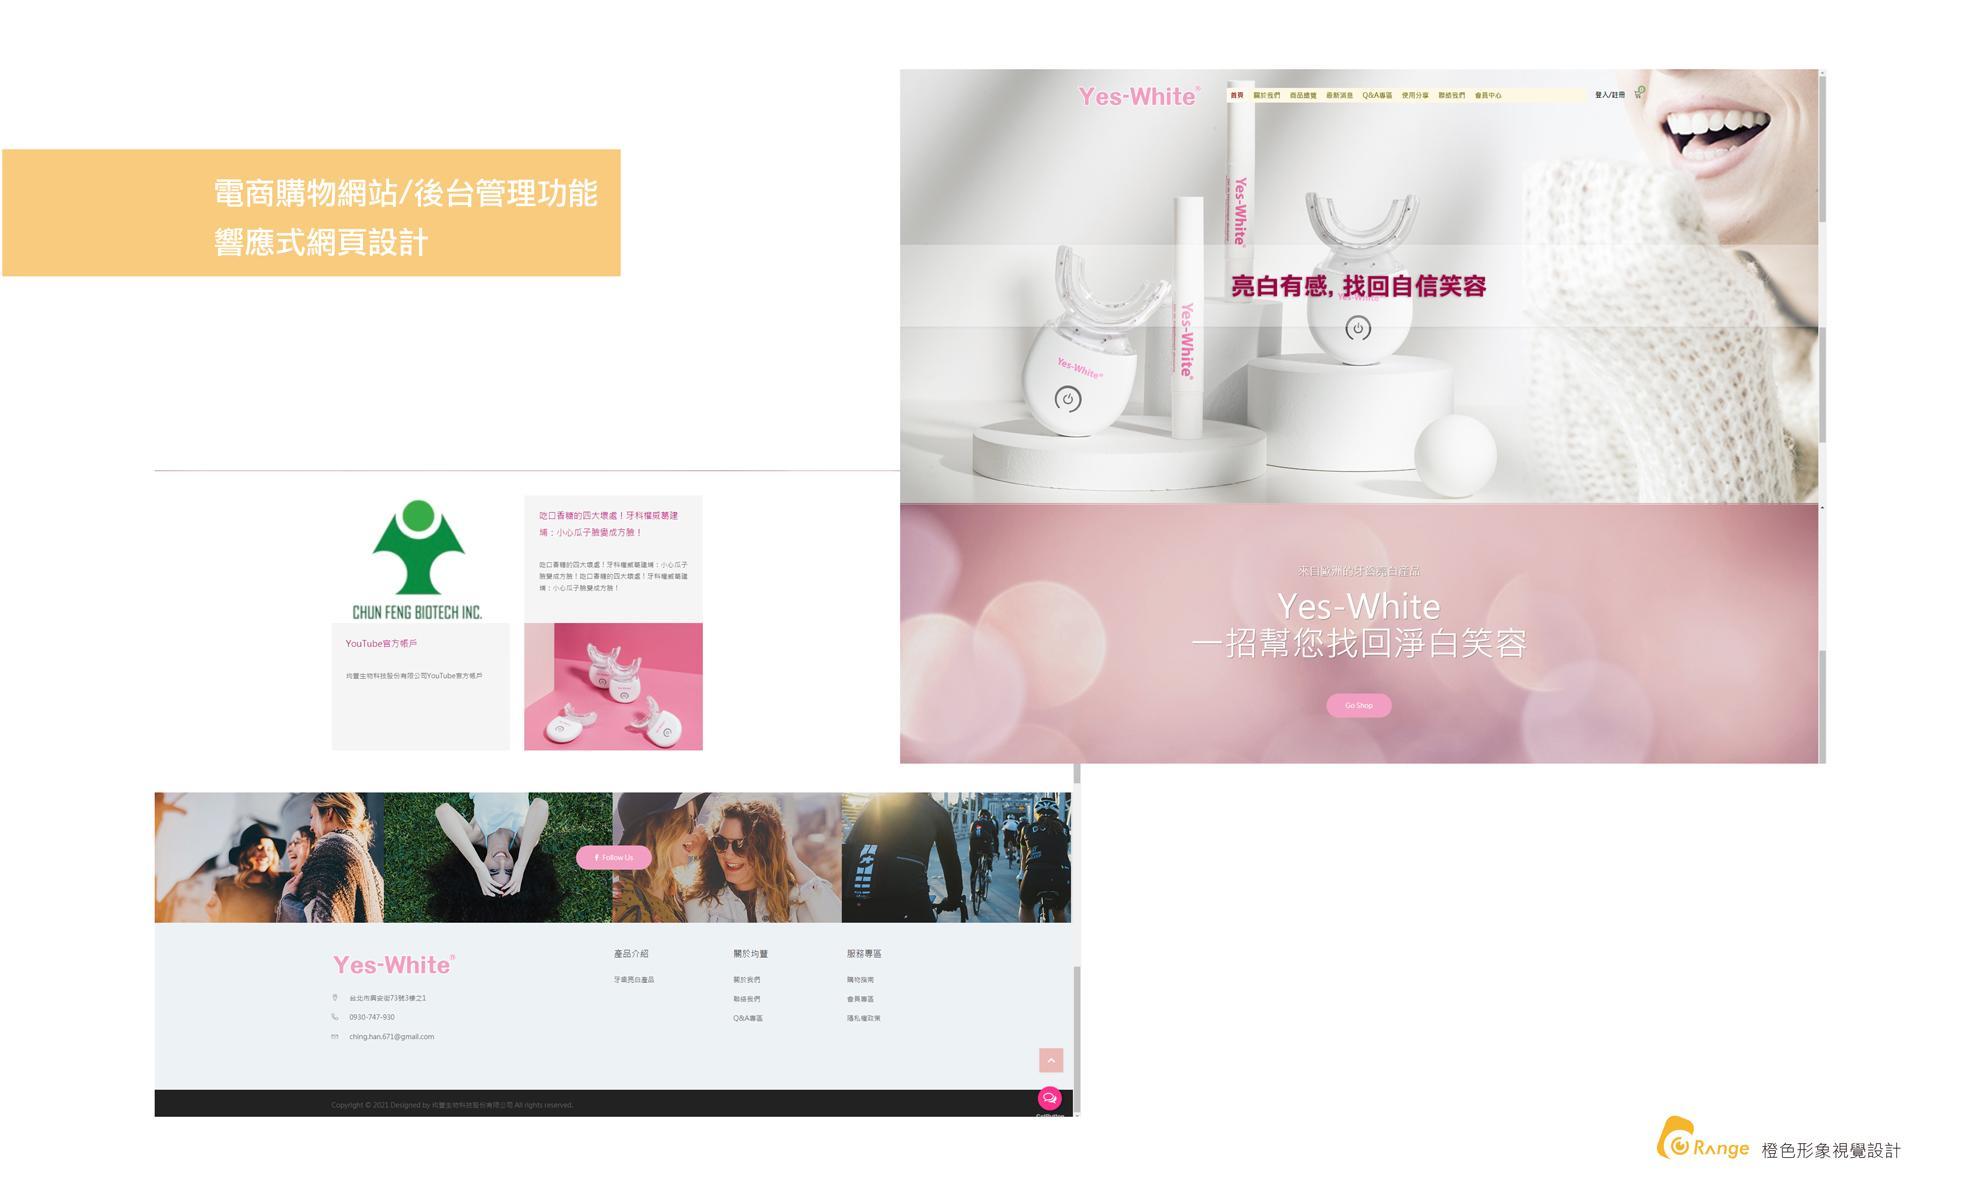 形象網站,購物網站,品牌網站,自適應RWD,SEO關鍵字規劃,企業形象網站設計, RWD響應式網頁設計,客制化網頁設計